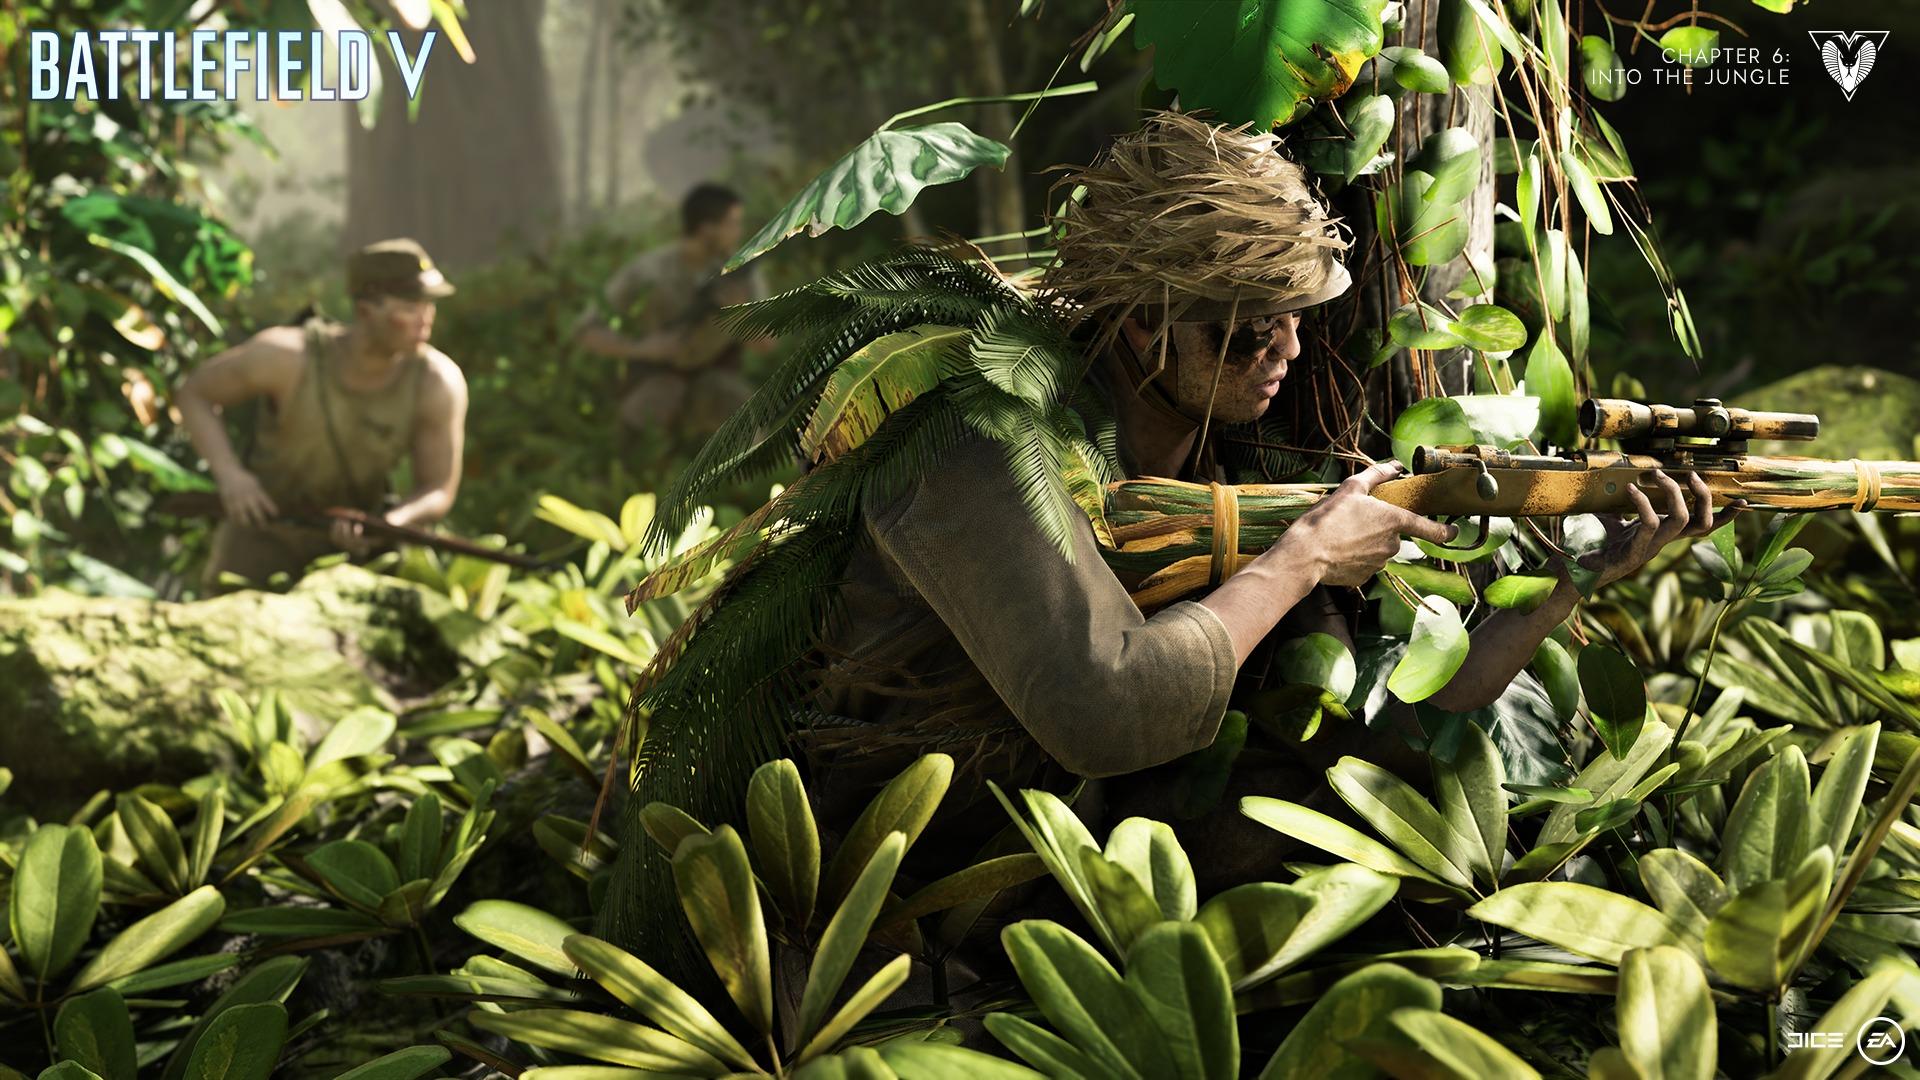 《战地5》第六章游戏截图放出 首个预告今晚十点播出